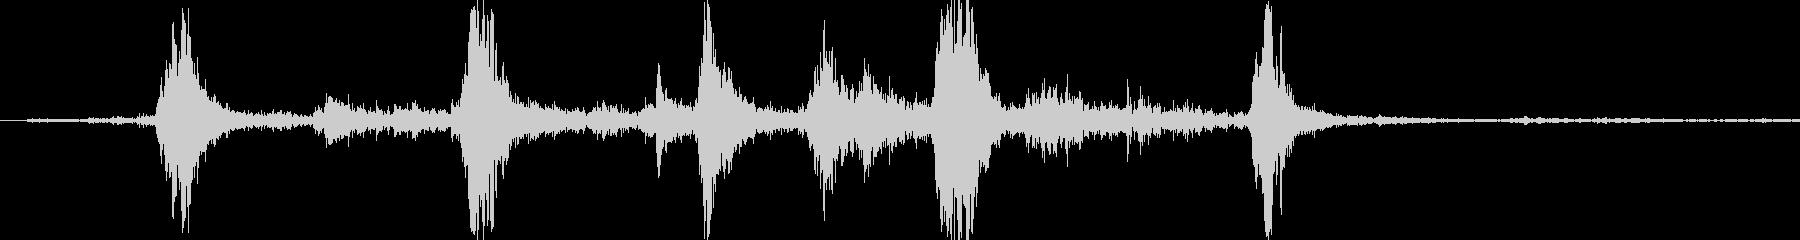 ガラガラ(玄関を開ける音) 音量大の未再生の波形